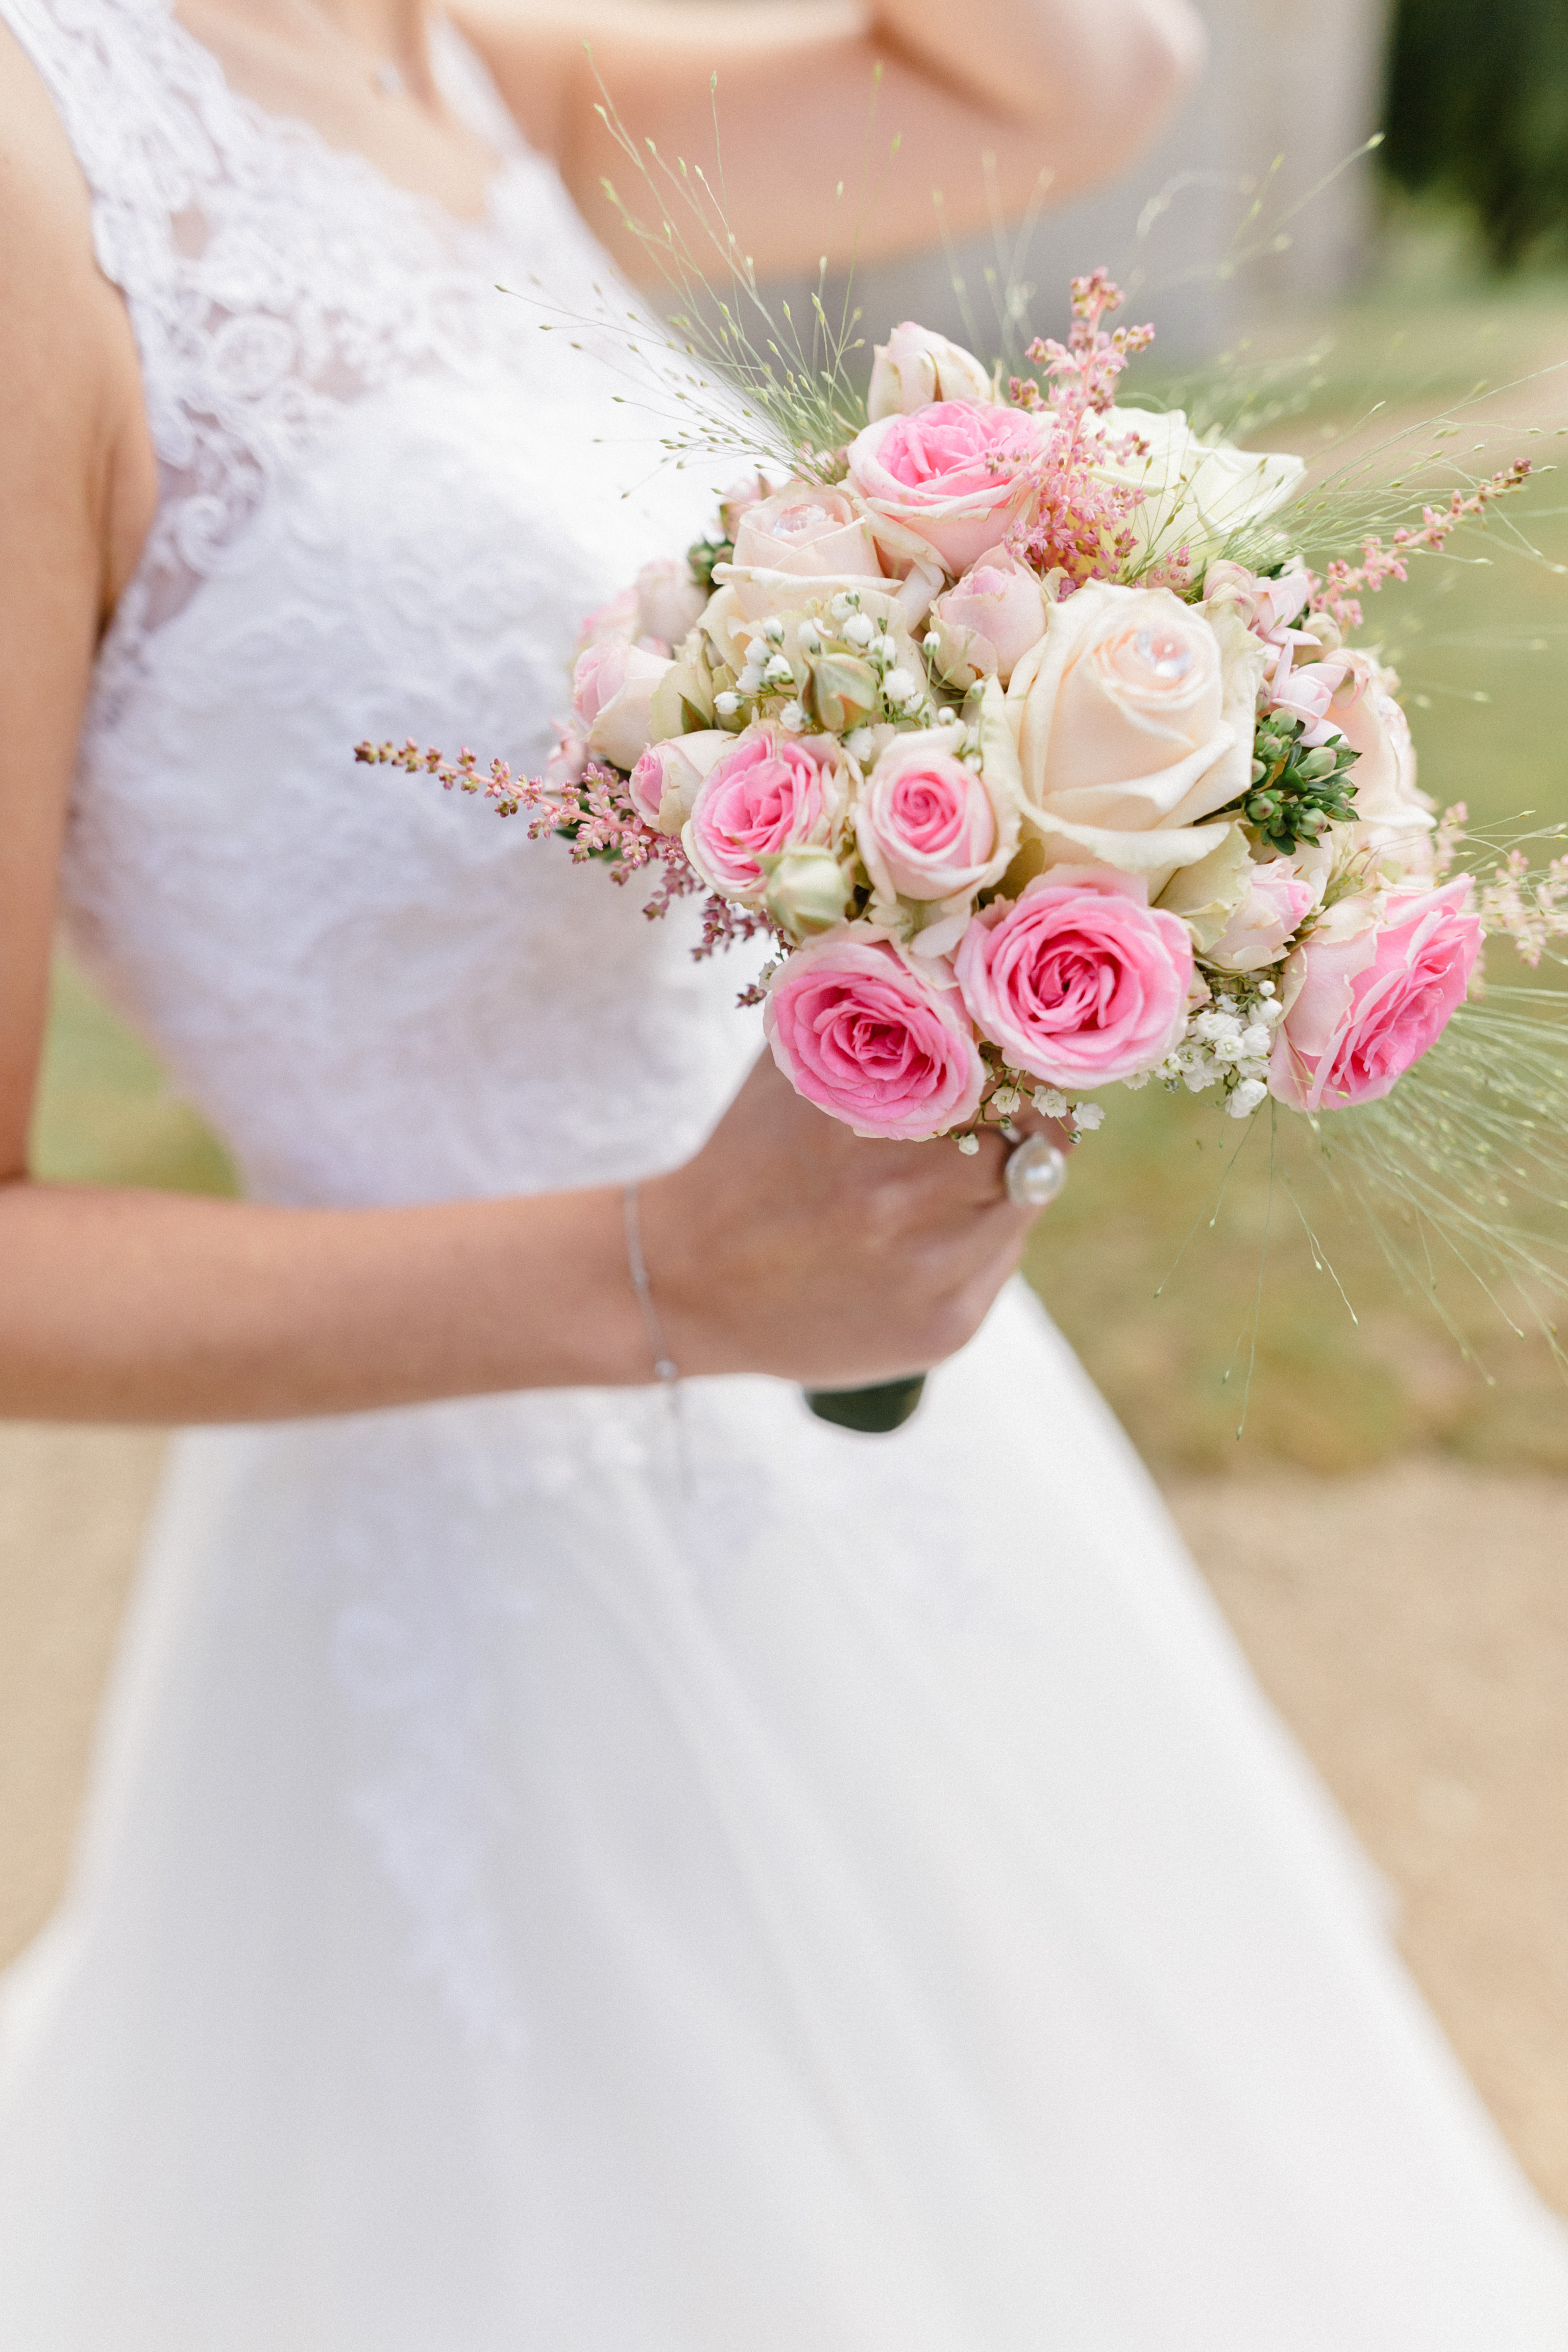 Mariage-Morbihan-Bretagne-Vannes-Lilian Vezin (53)